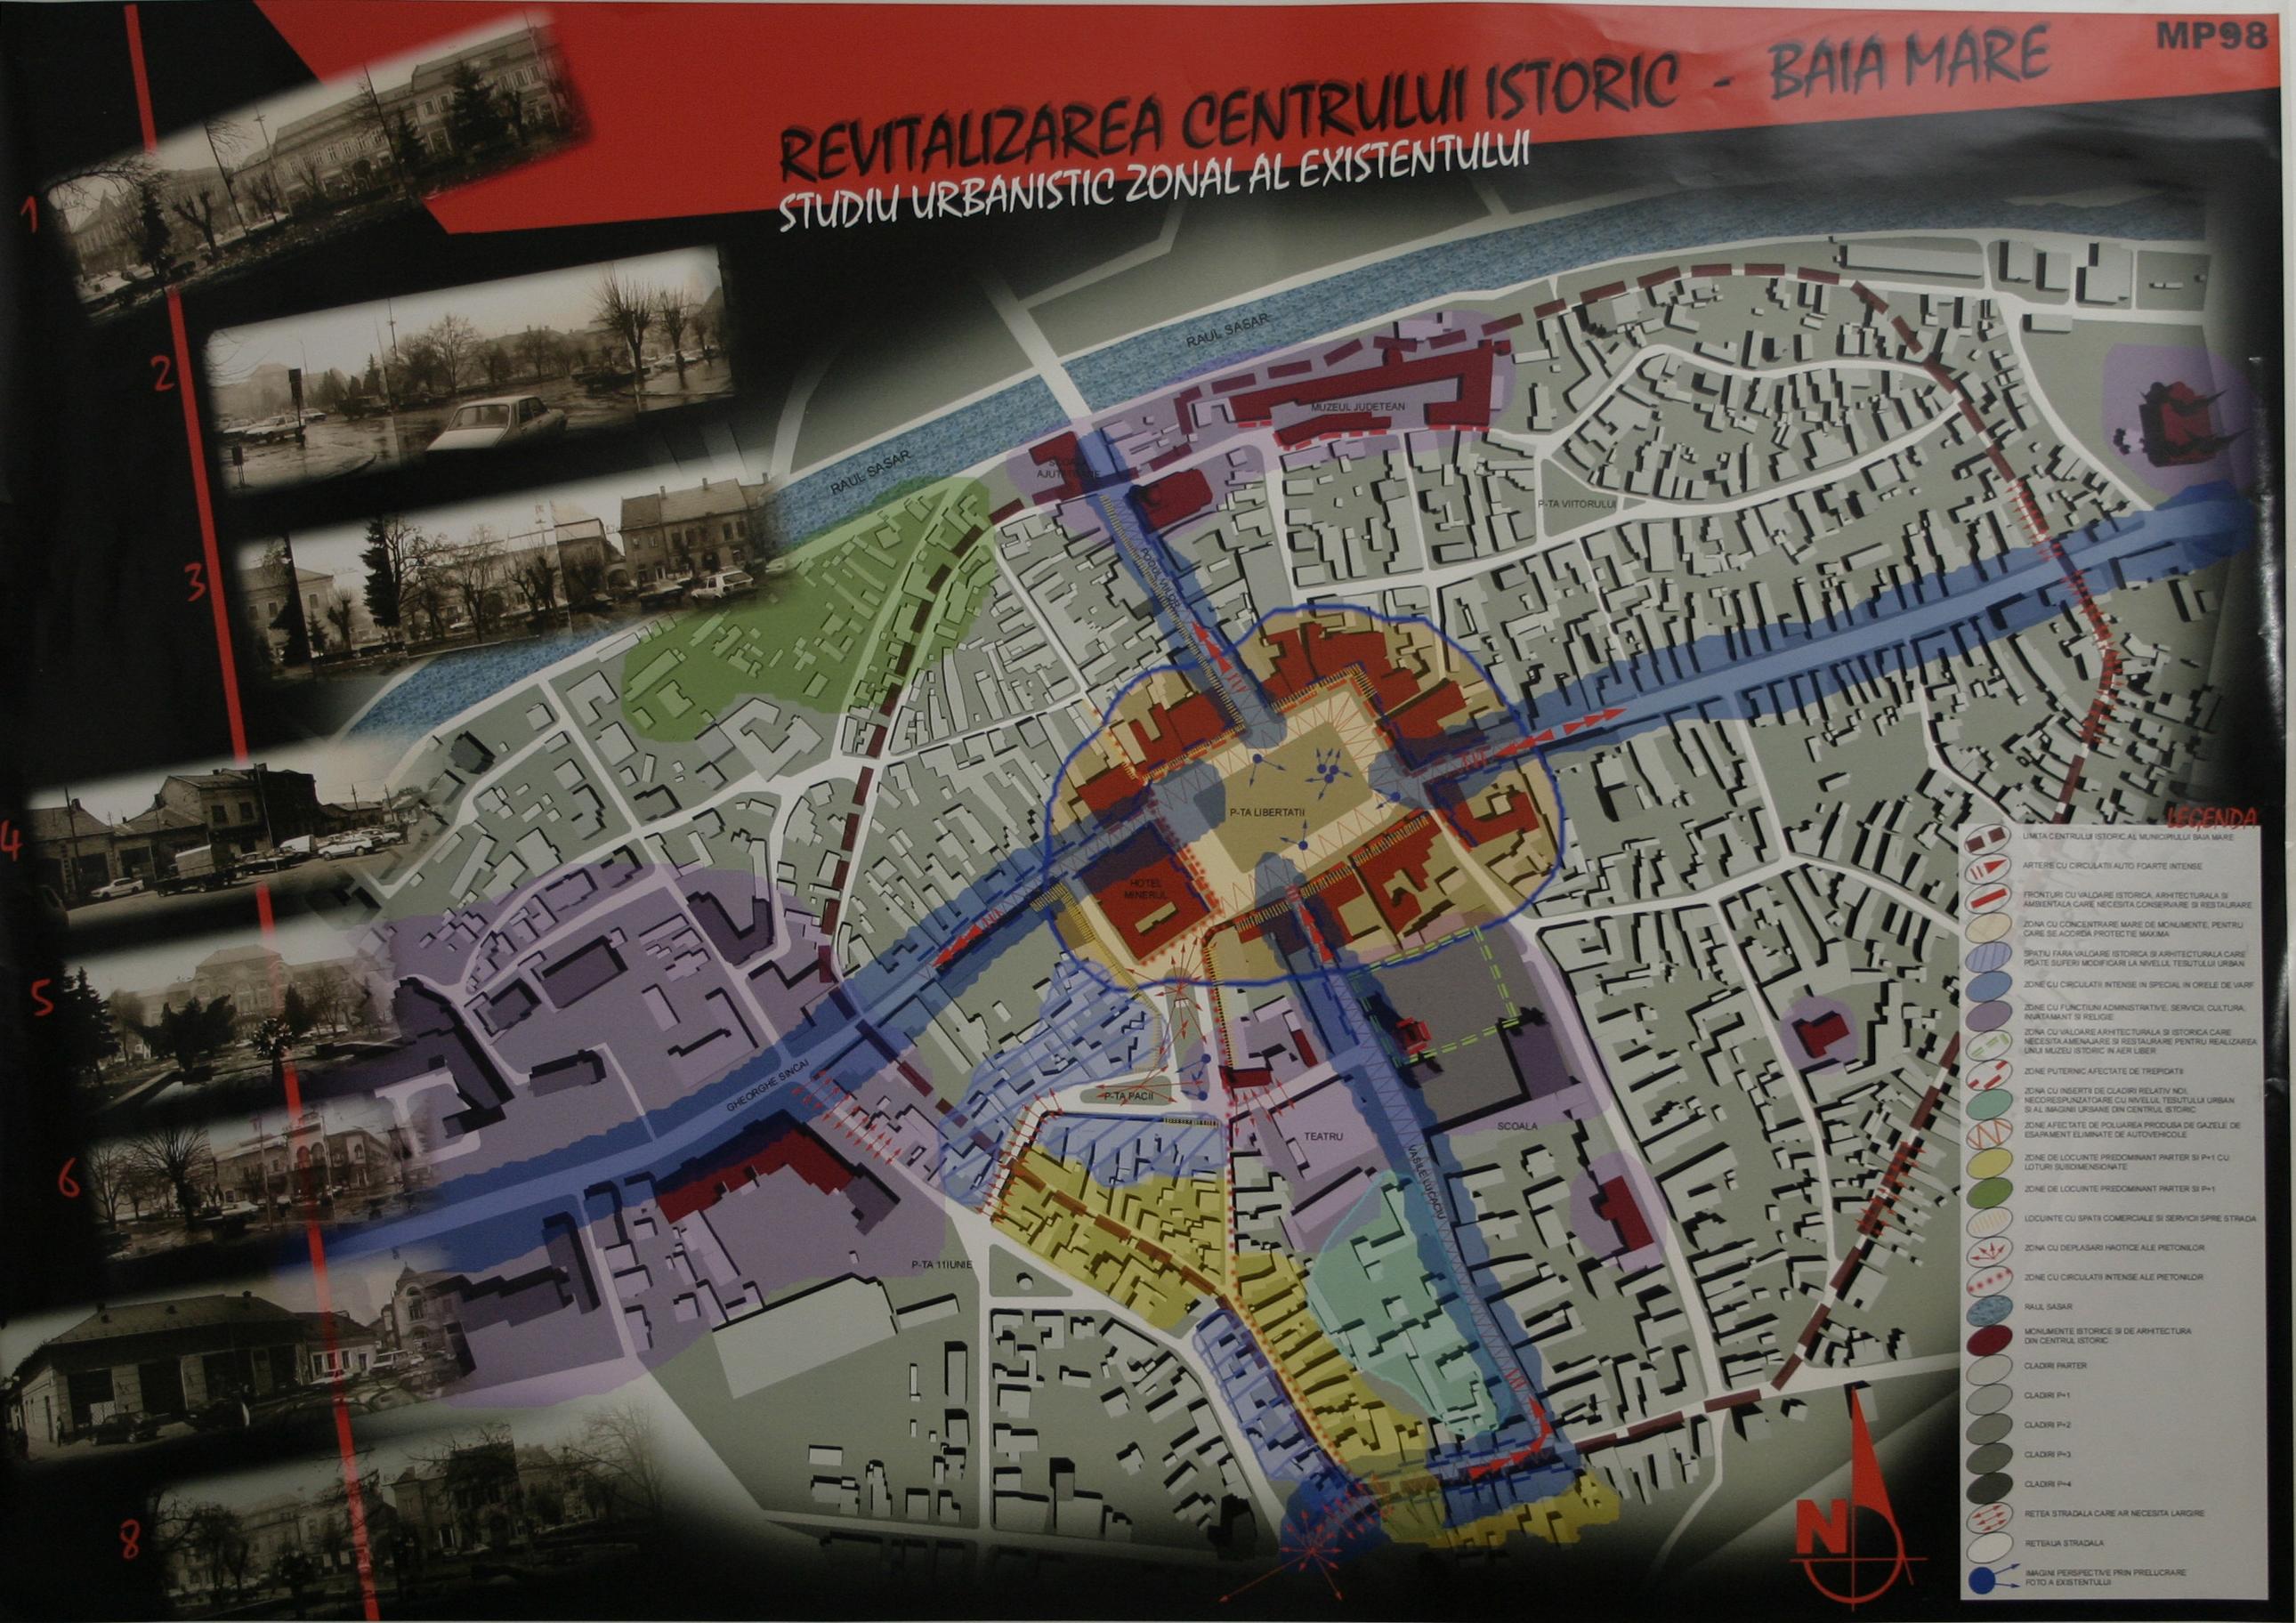 Revitalizarea centrului istoric Baia Mare  - Poza 6